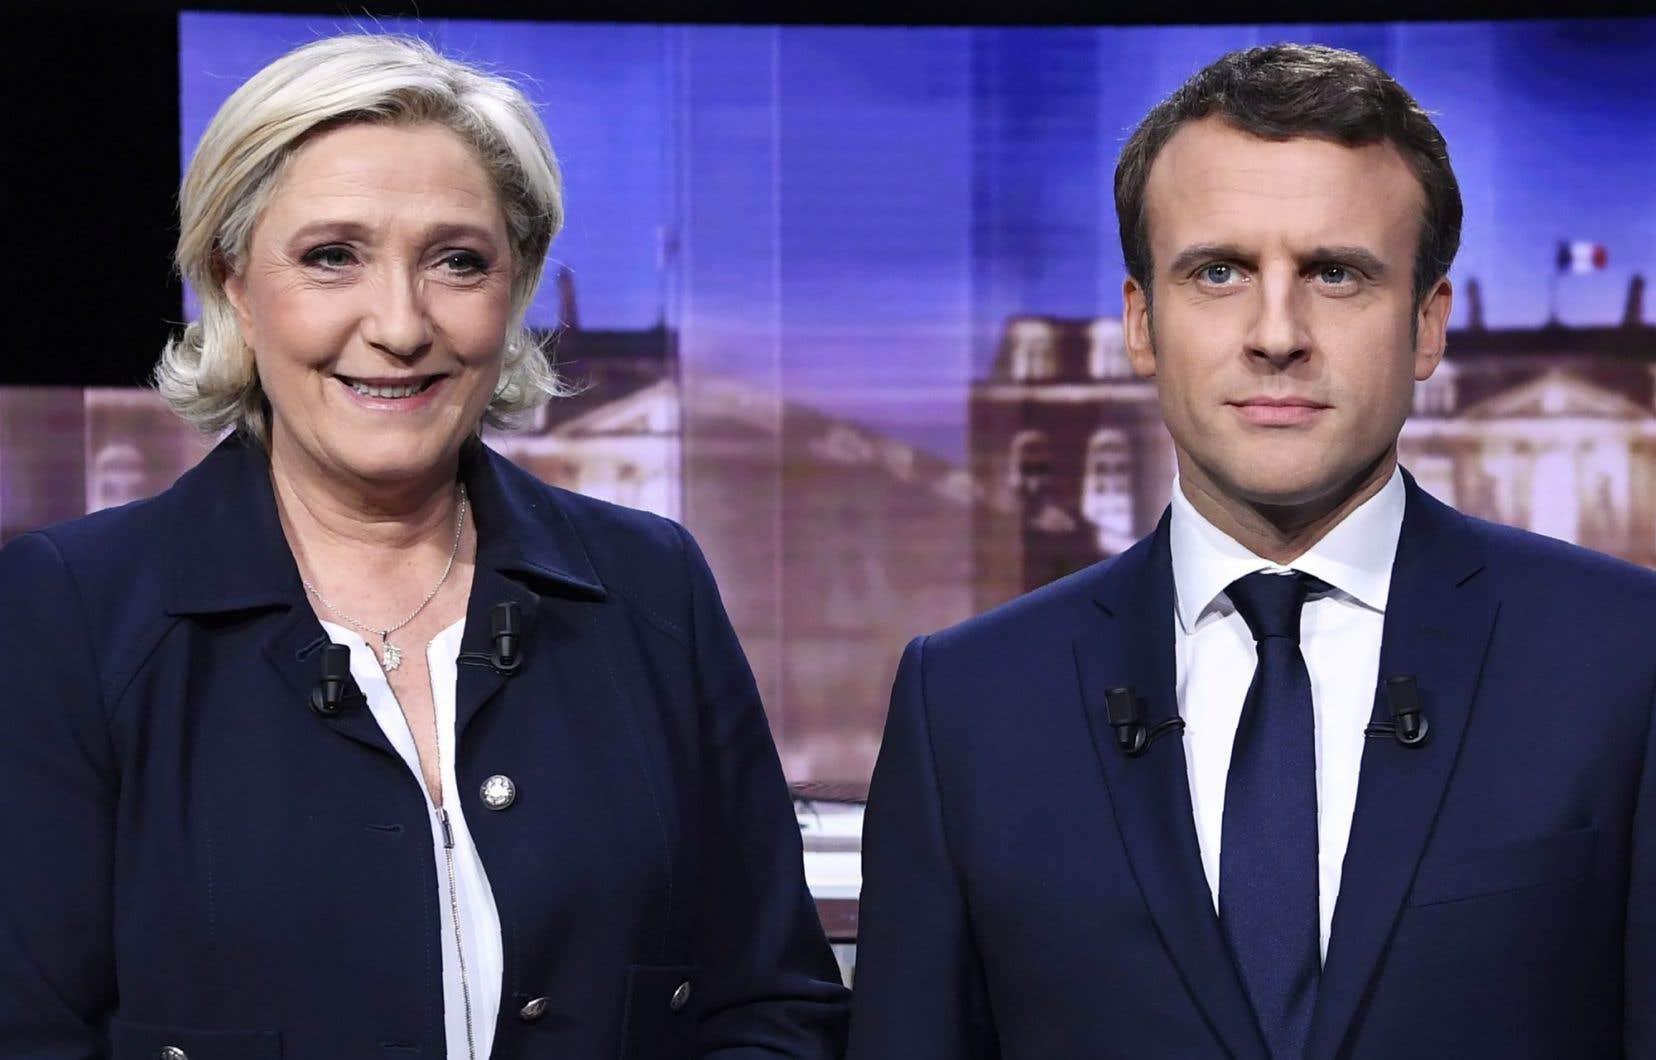 Marine Le Pen et Emmanuel Macron, les deux finalistes à la présidentelle française